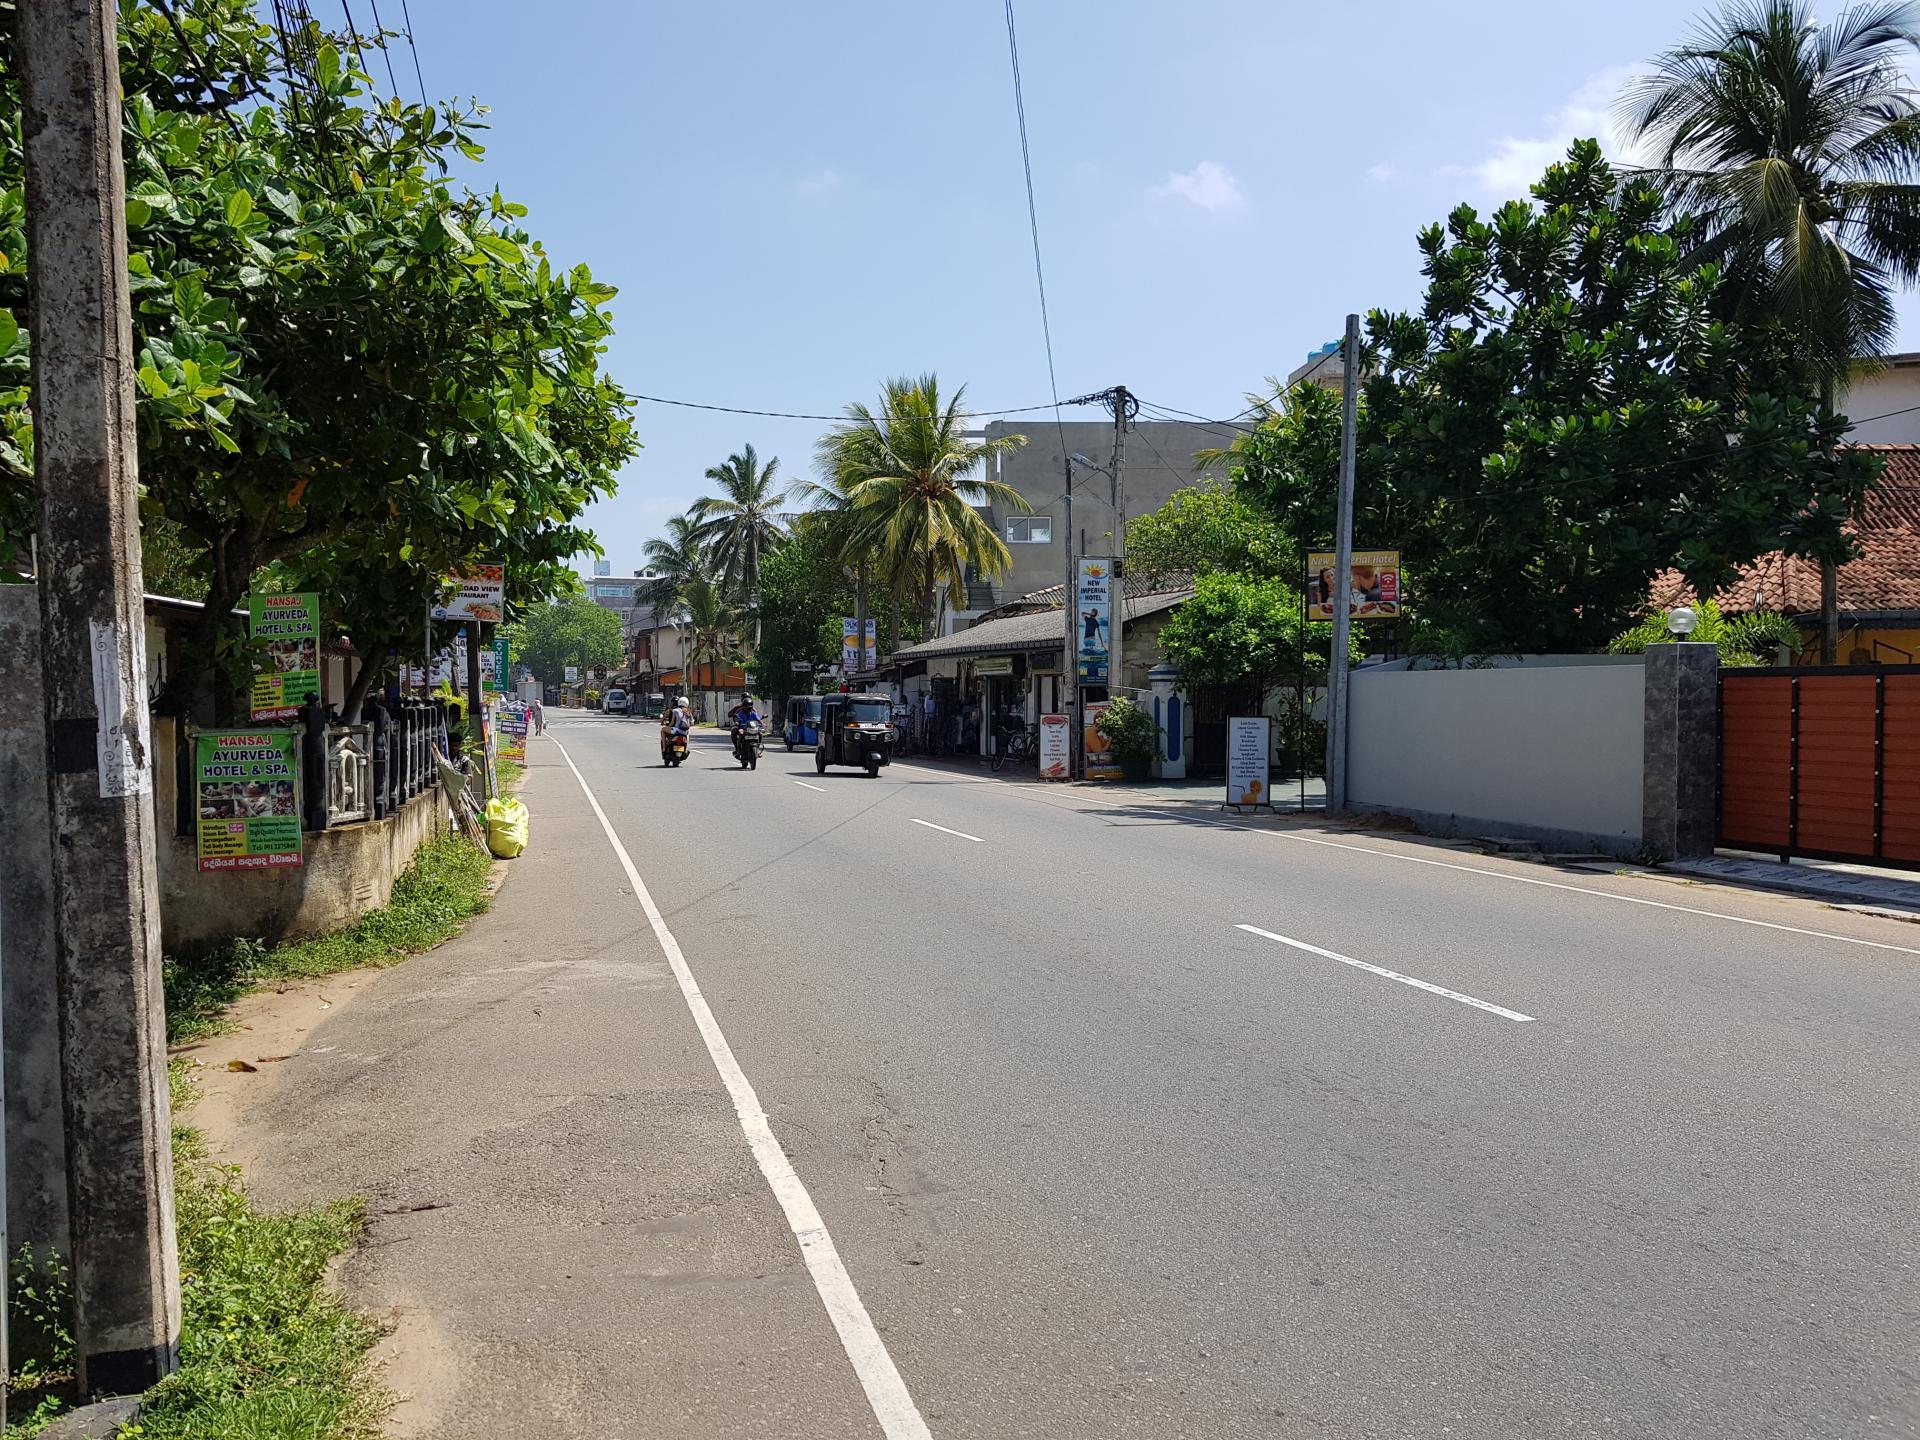 Улица в Хиккадуве, Шри-Ланка